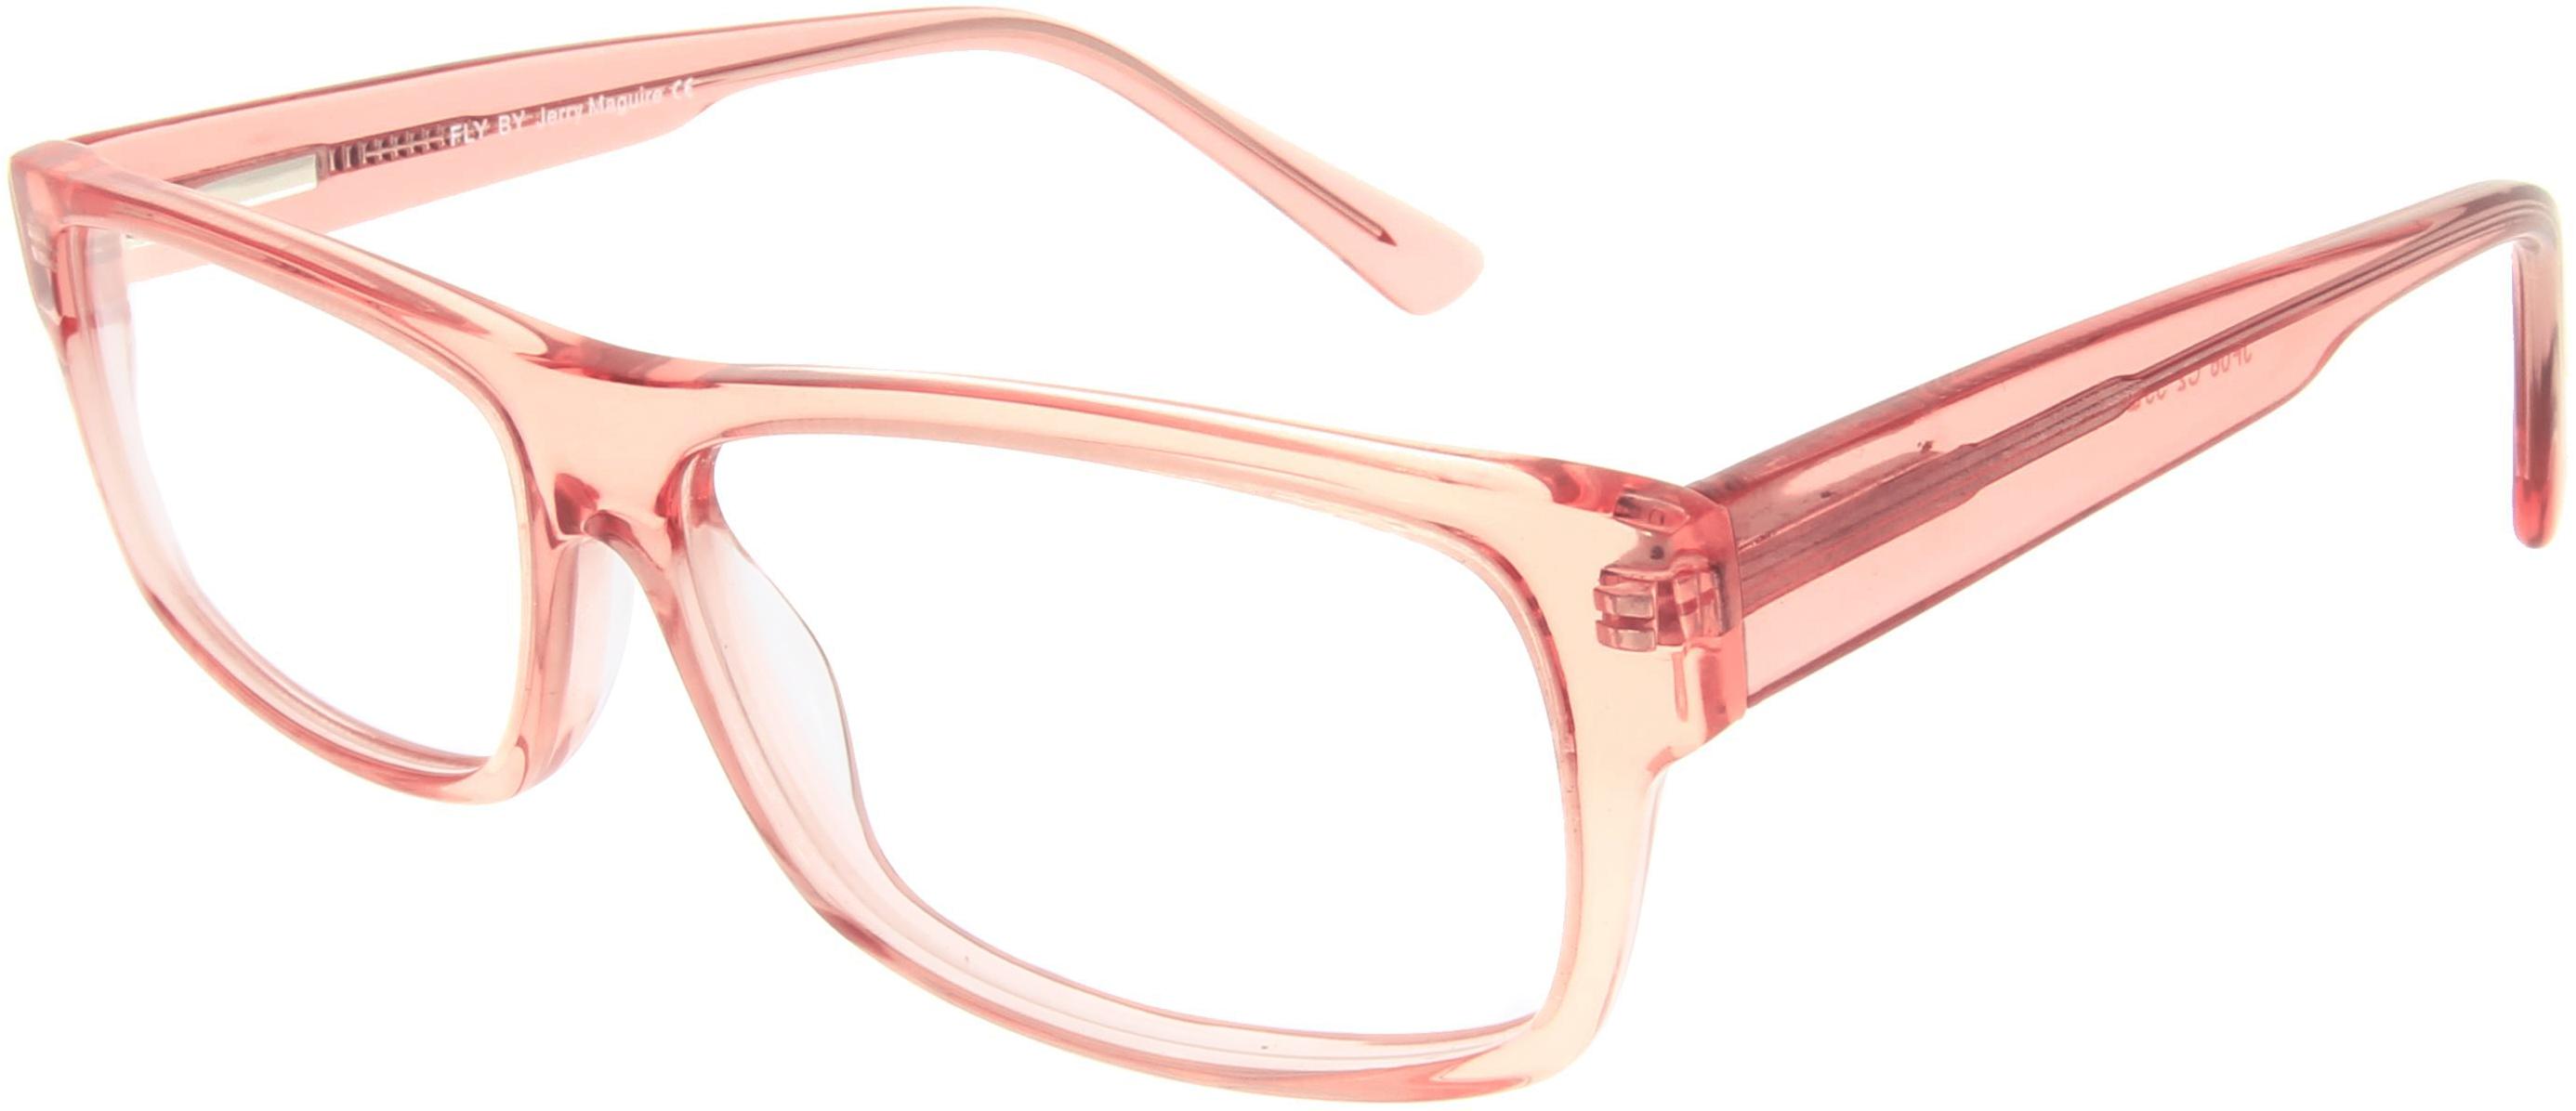 Arbeitsplatzbrille in Lachs-Losa